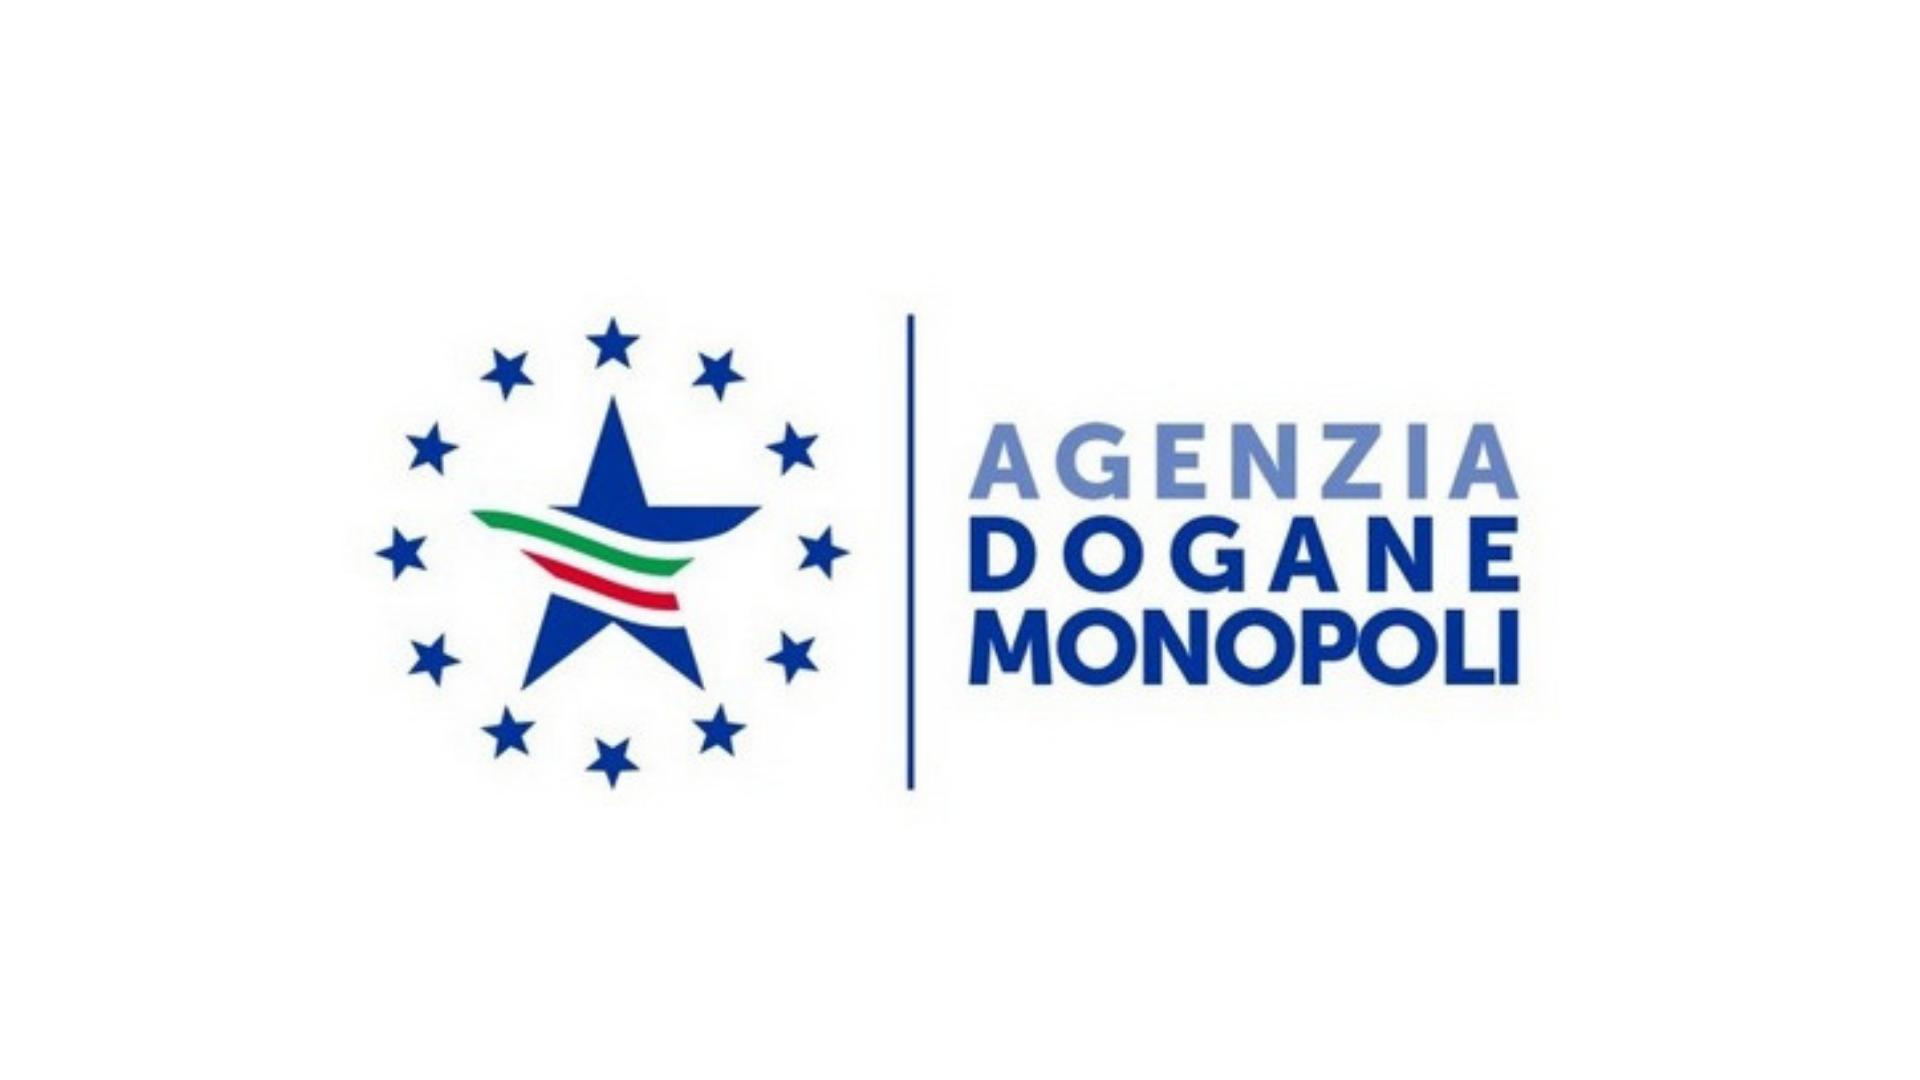 Agenzia Dogane e Monopoli v13